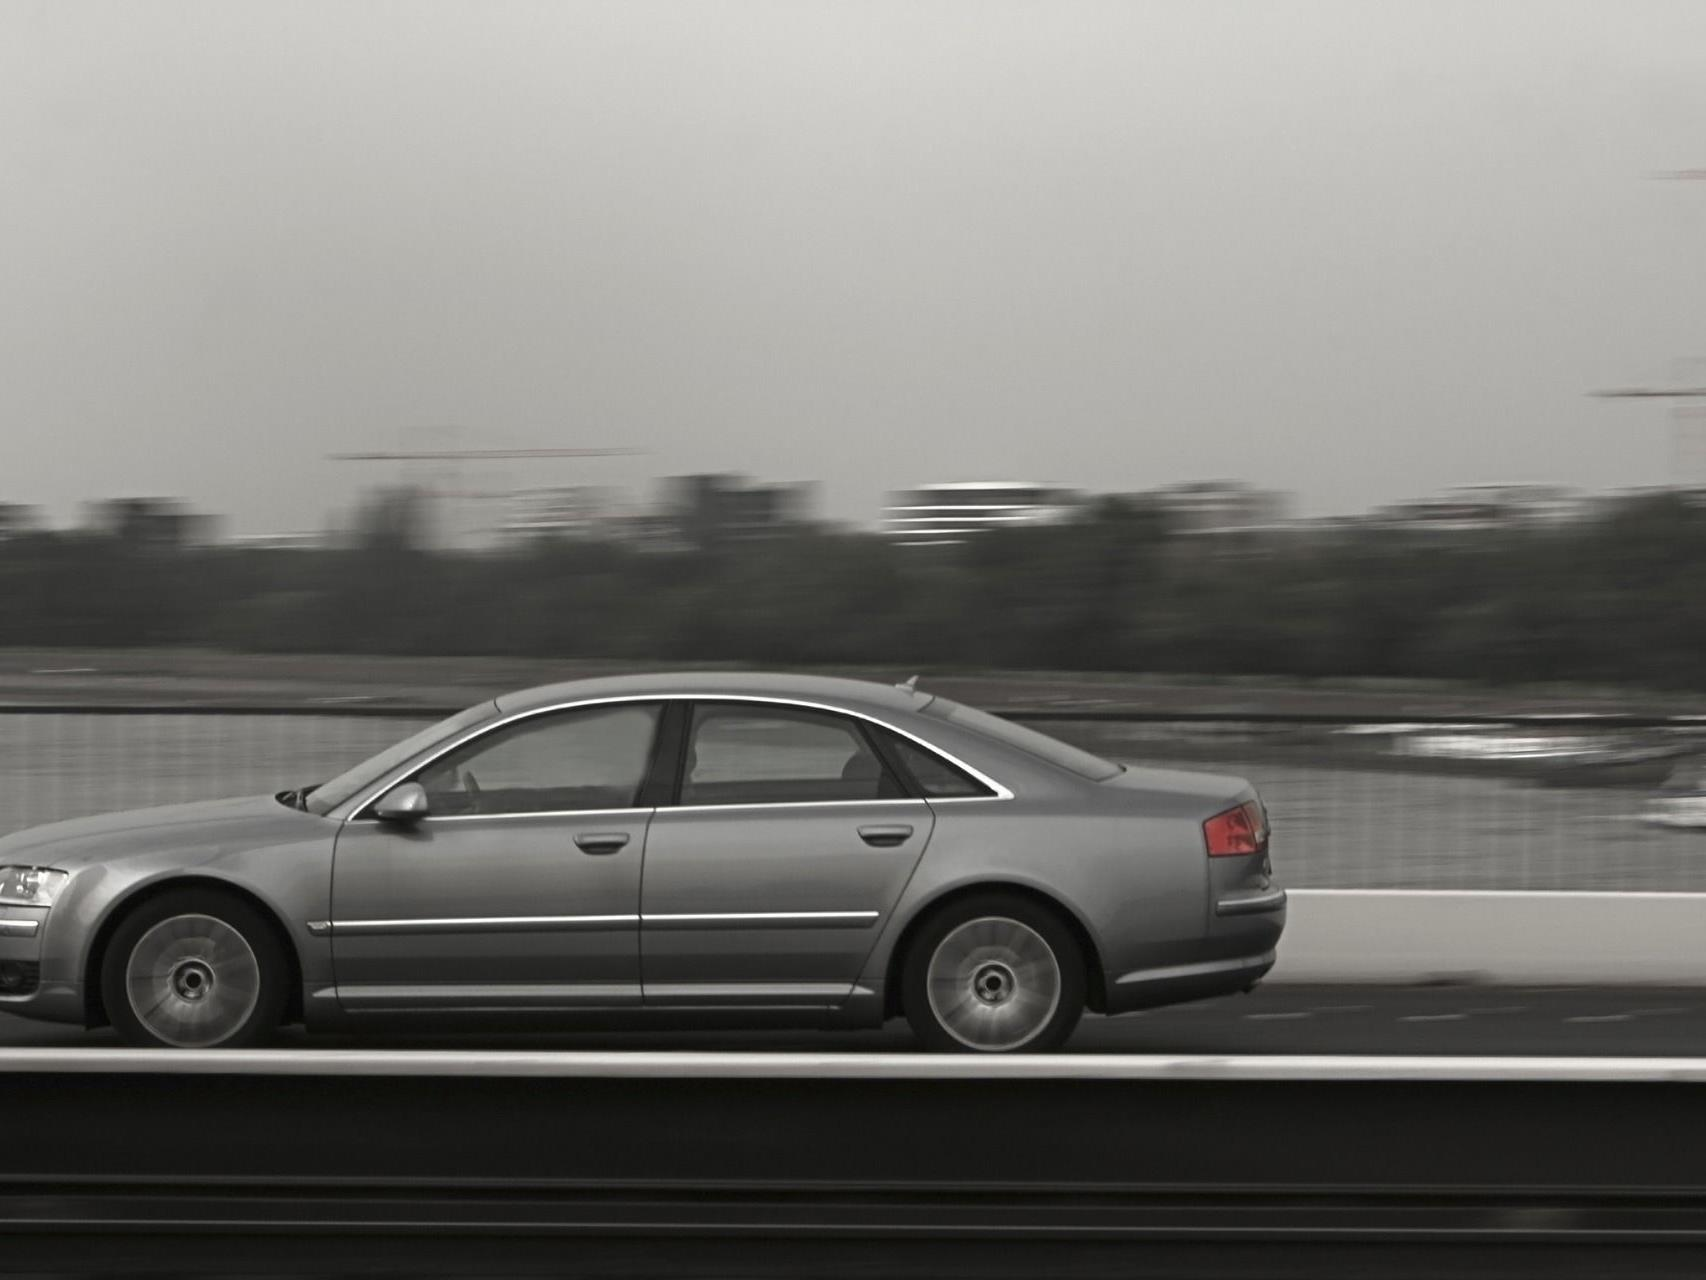 Der kleine Bub fuhr mit dem Audi seines Vaters durch Wien